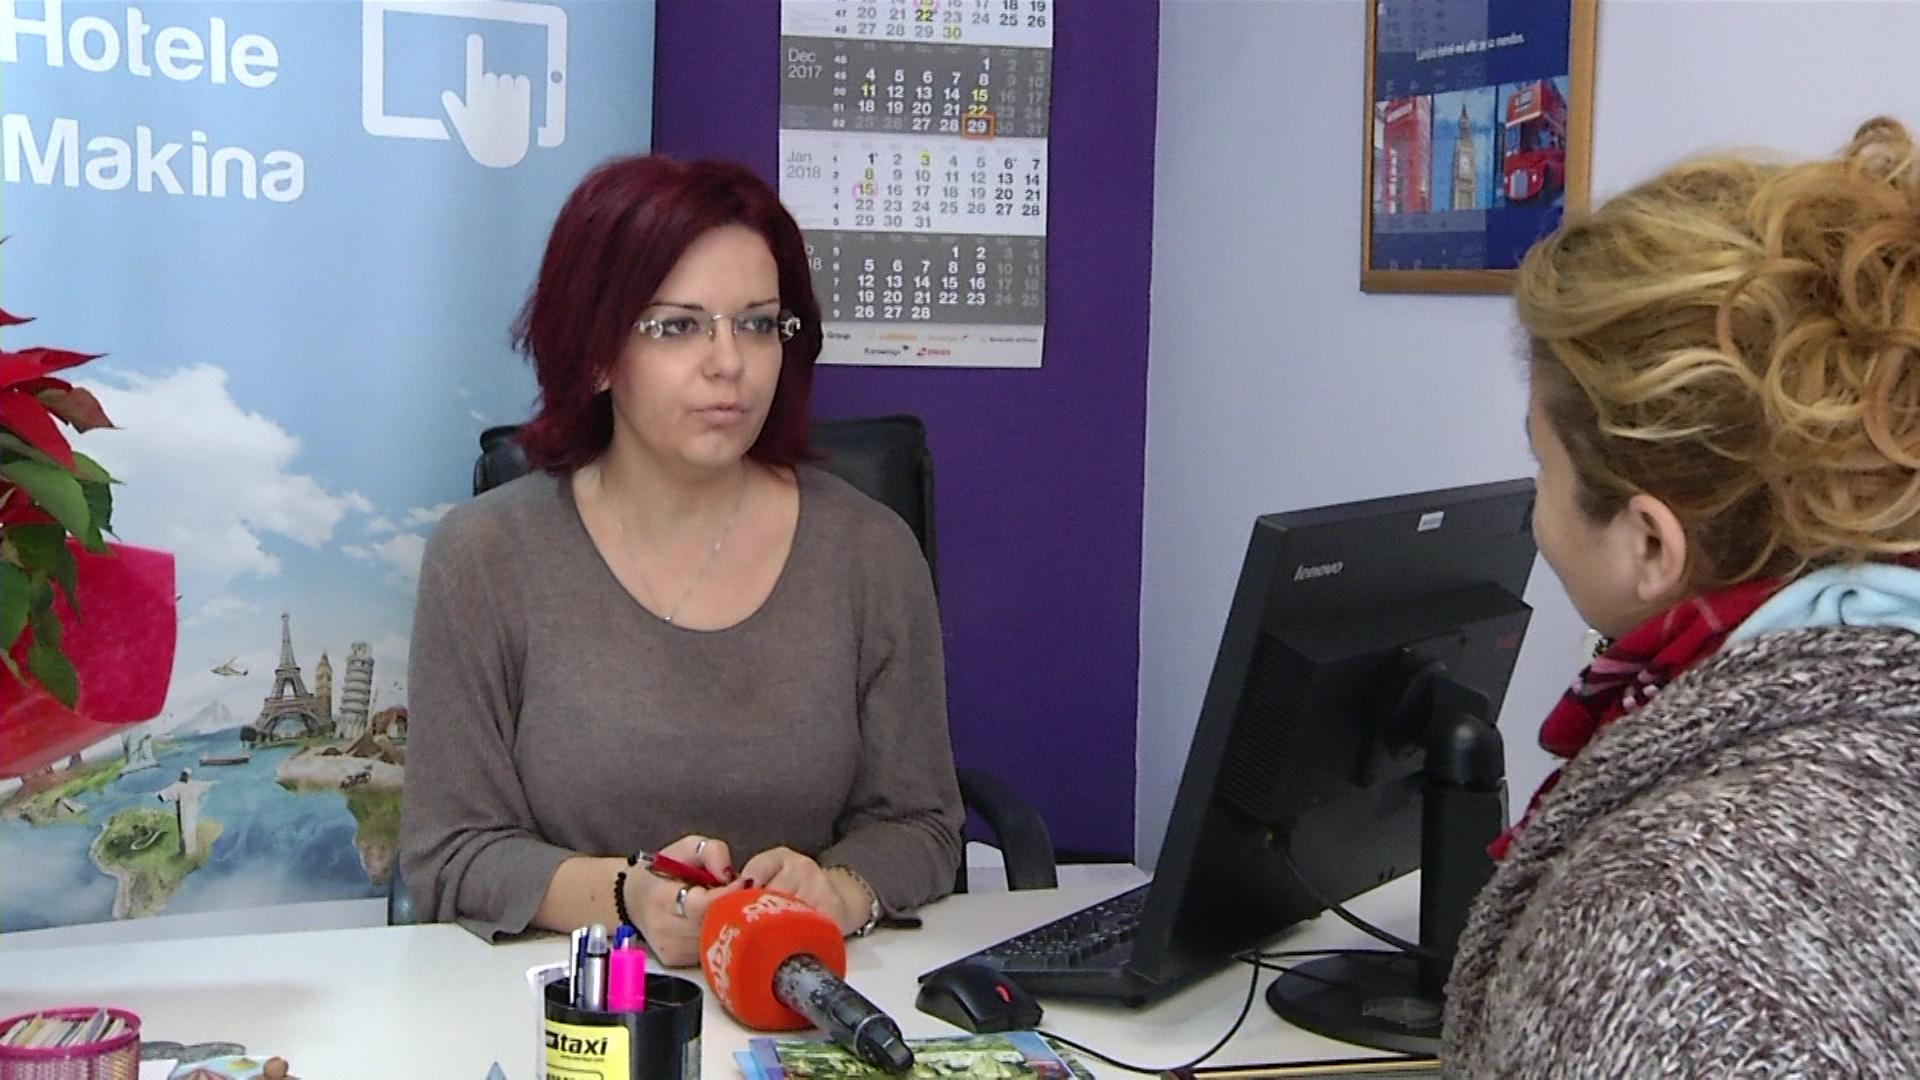 Më shumë shqiptarë do të festojnë jashtë këtë vit